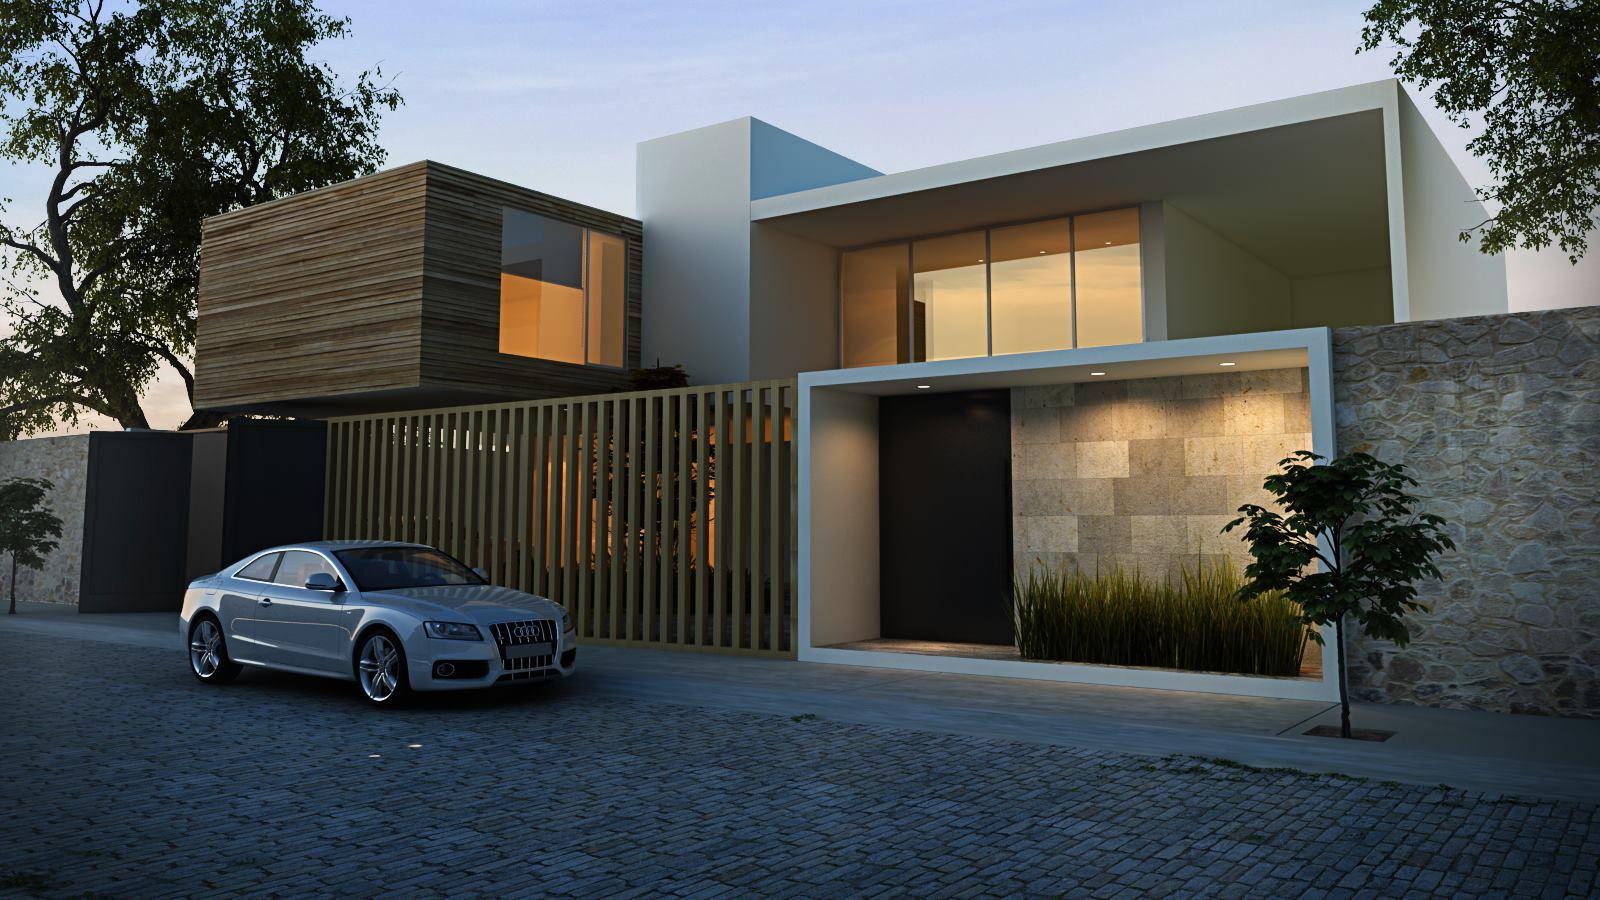 Fachada render casas pinterest fachadas for Casas modernas renders